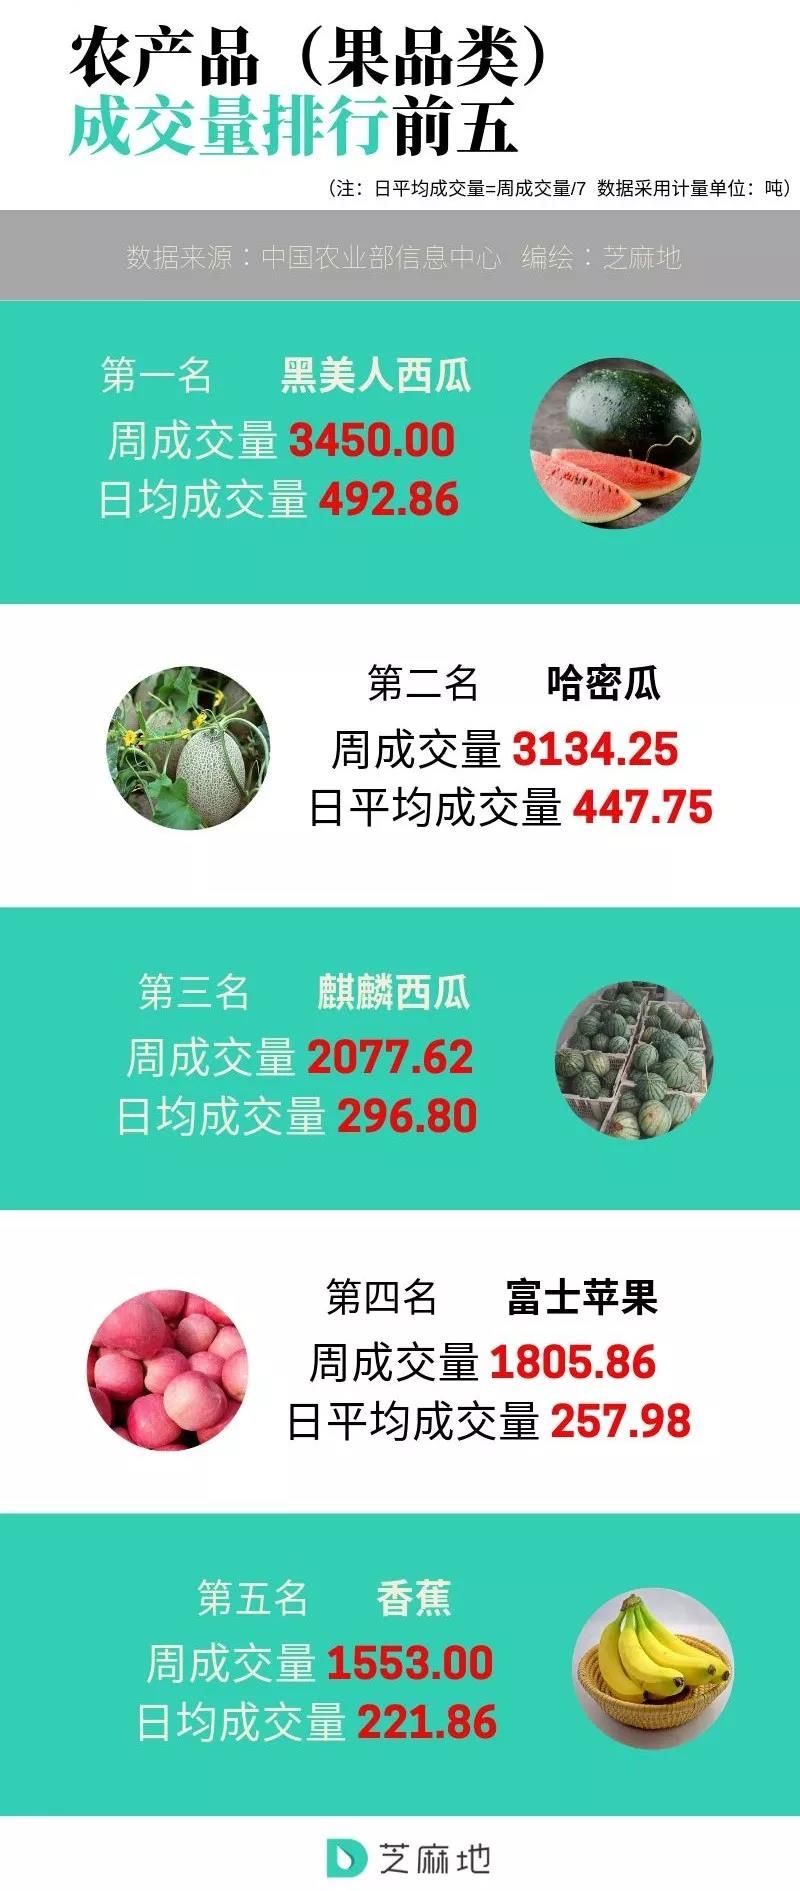 农产品(果品类)成交量排行前五.jpg